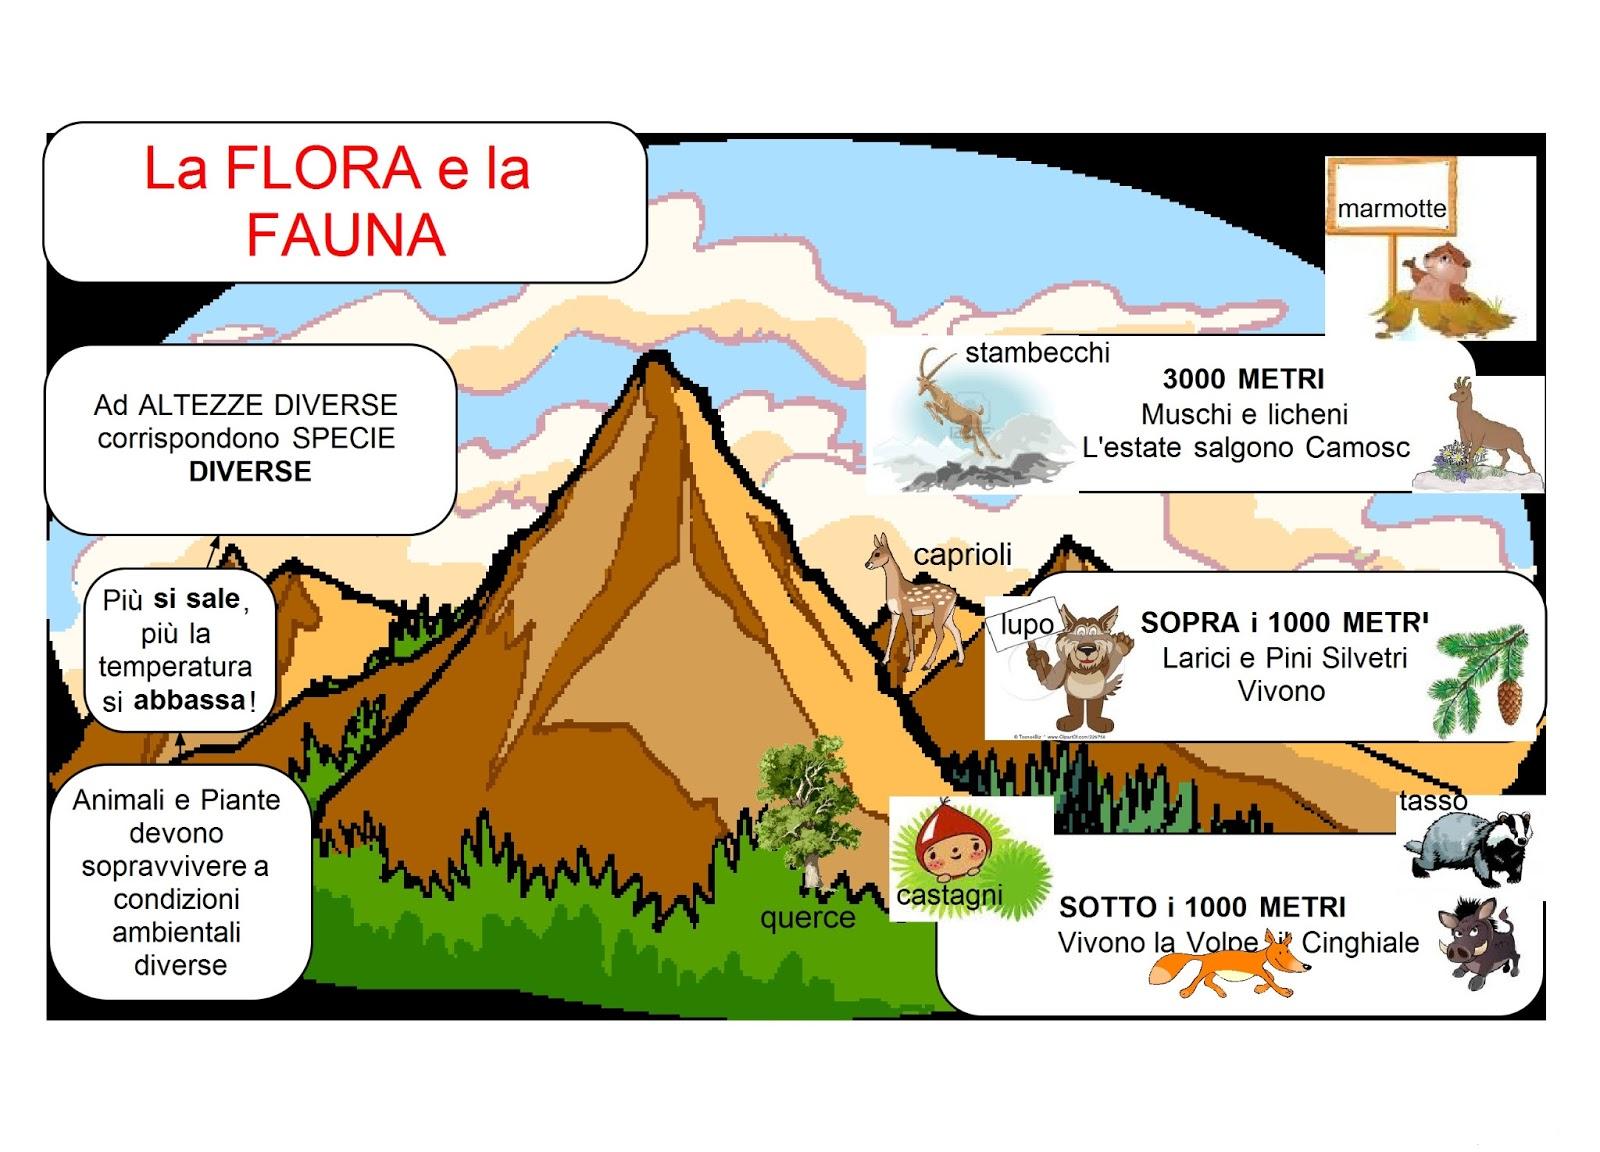 flora fauna11